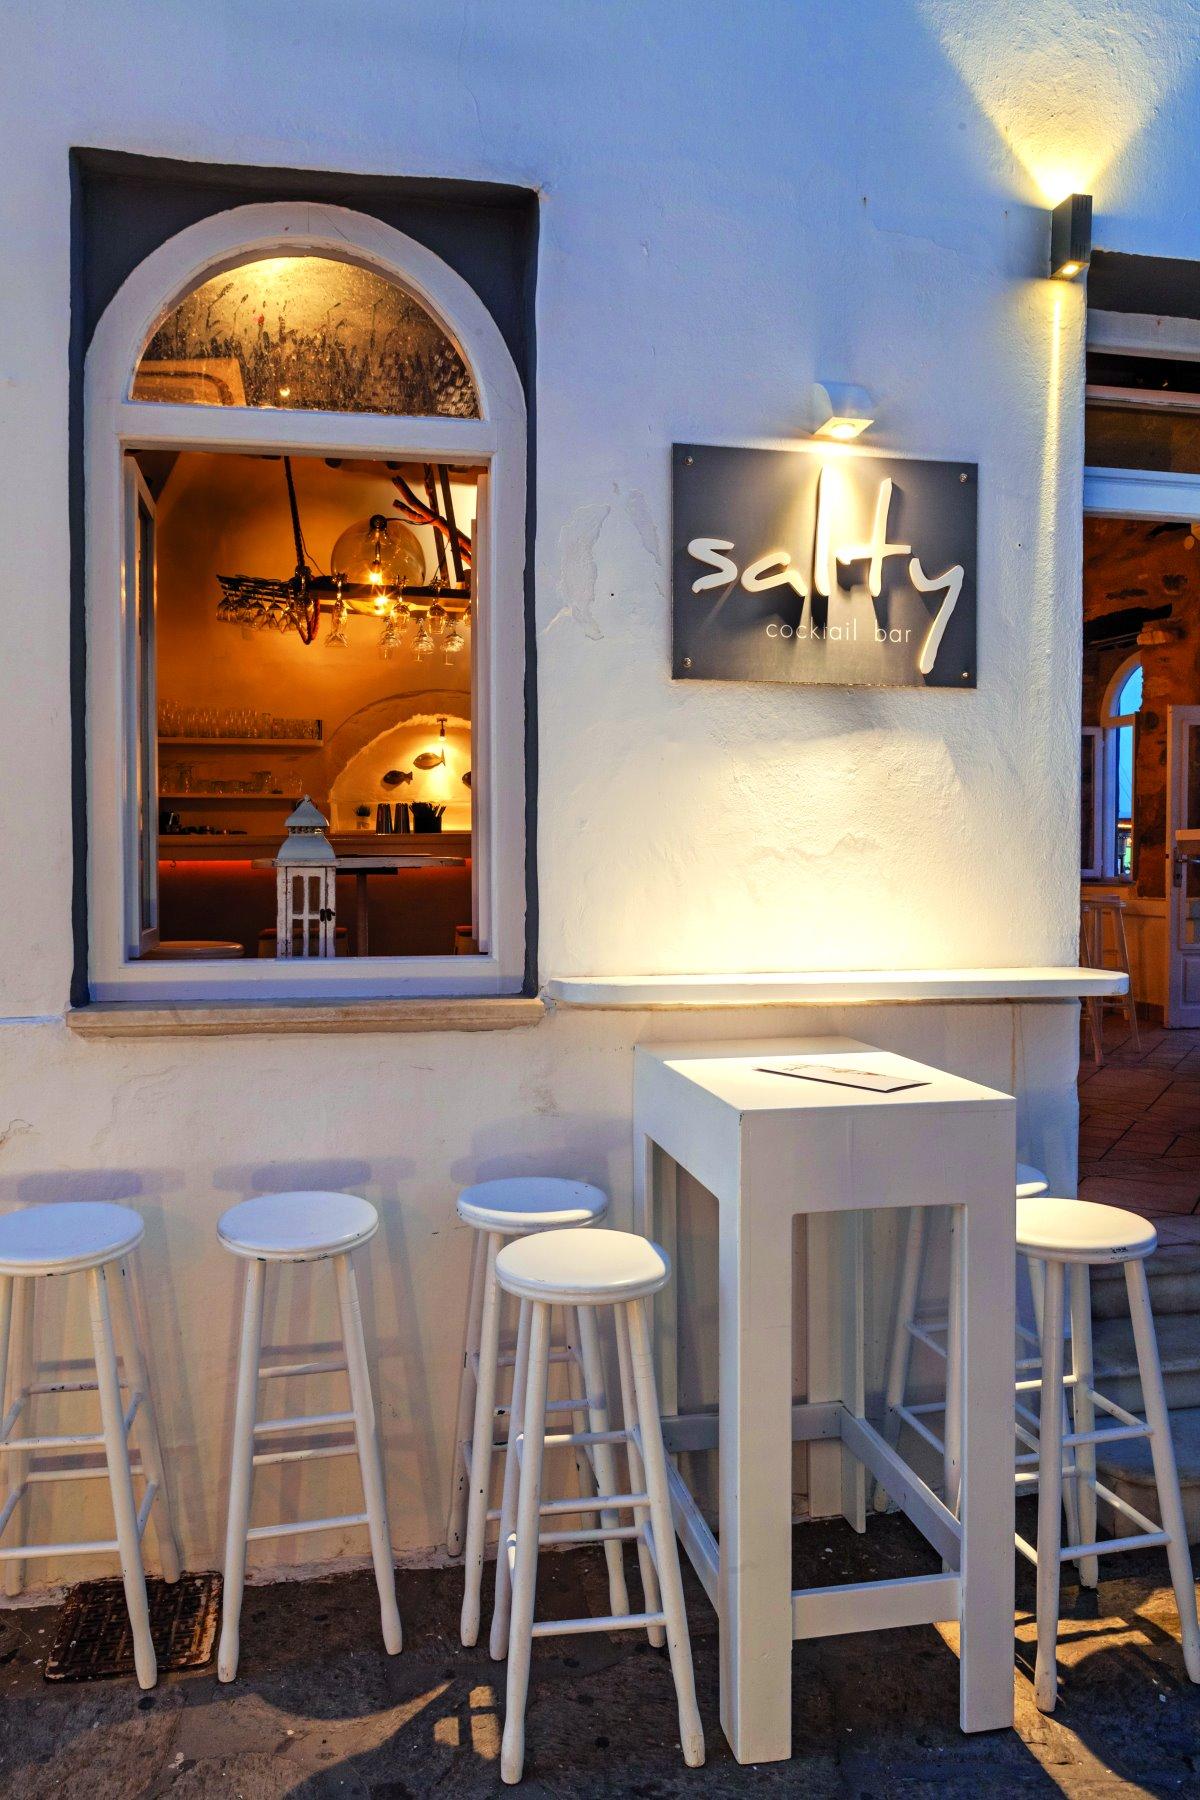 Το γνωστό cocktail bar Salty στο Λιμανακι της Νάουσας